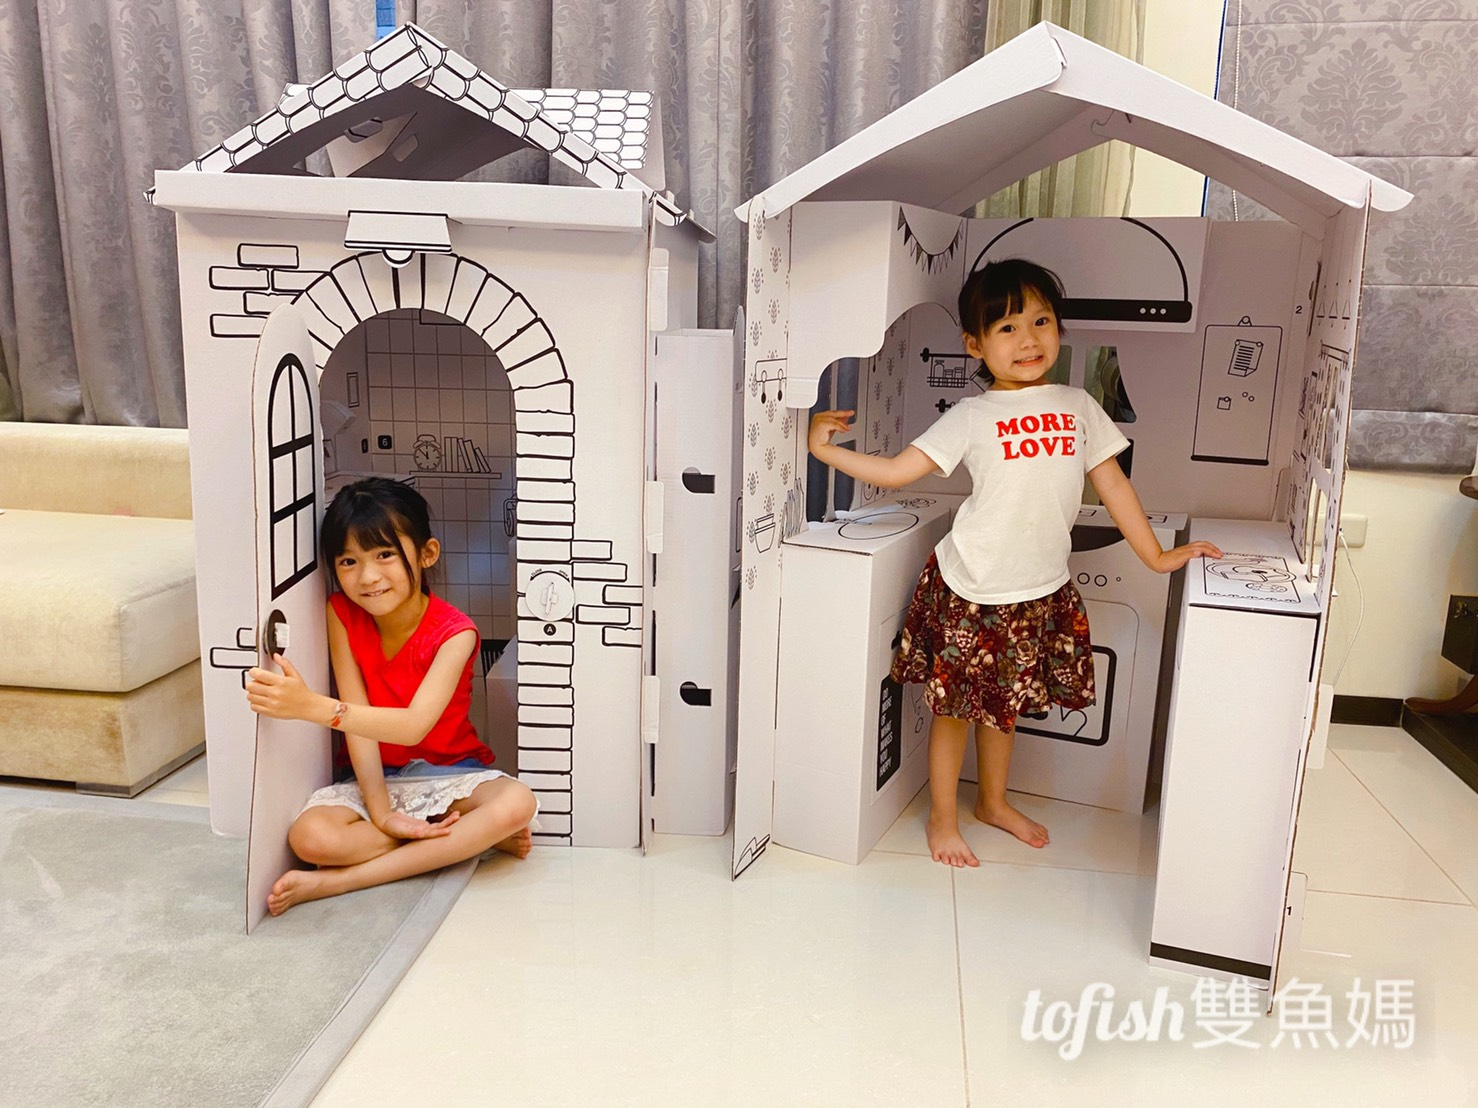 【團購】韓國ANBOX趣玩紙屋  小孩最愛創意的空間讓孩子擁有一個專屬的小天地